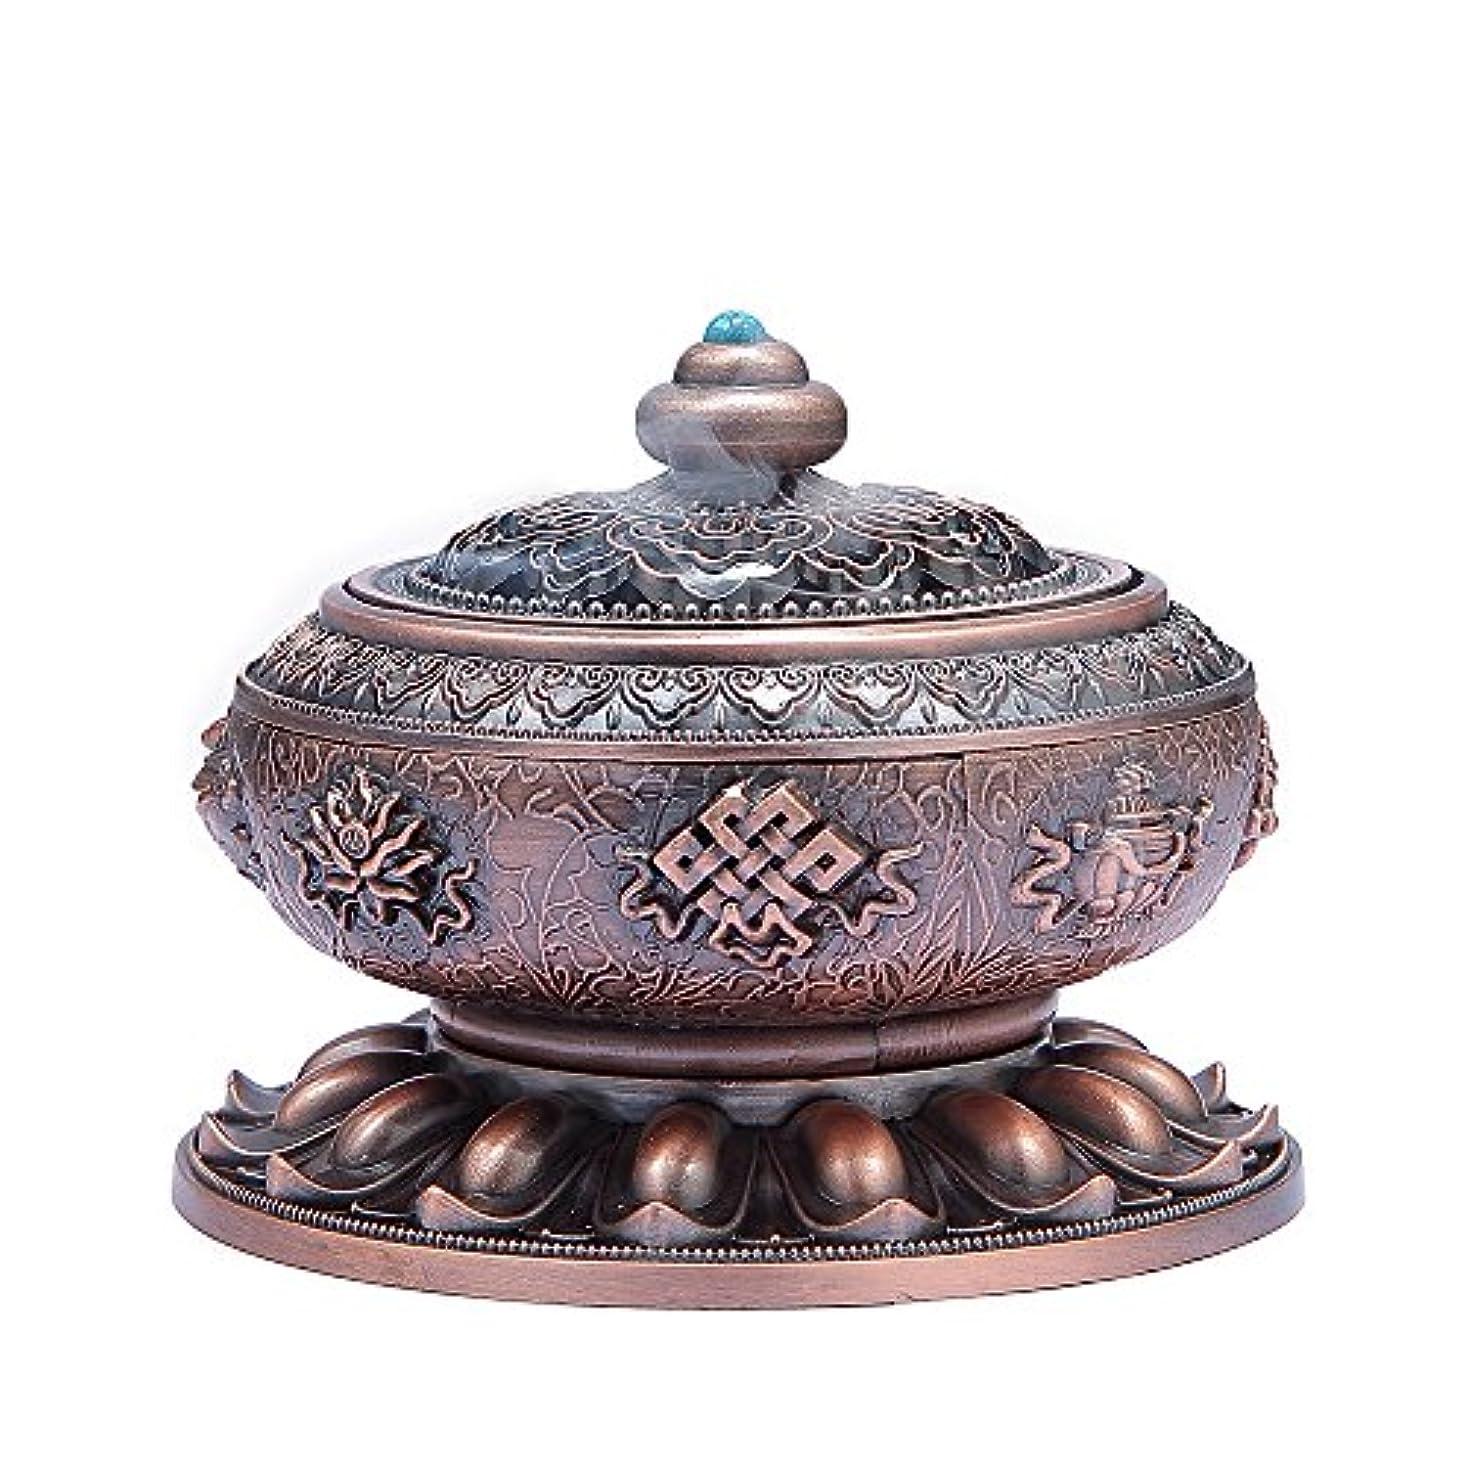 第二に吐くタンパク質MEDOOSKY Large Incense Holder Burner Tibet Lotus Copper Alloy( Stick/ Cone/ Coil Incense)